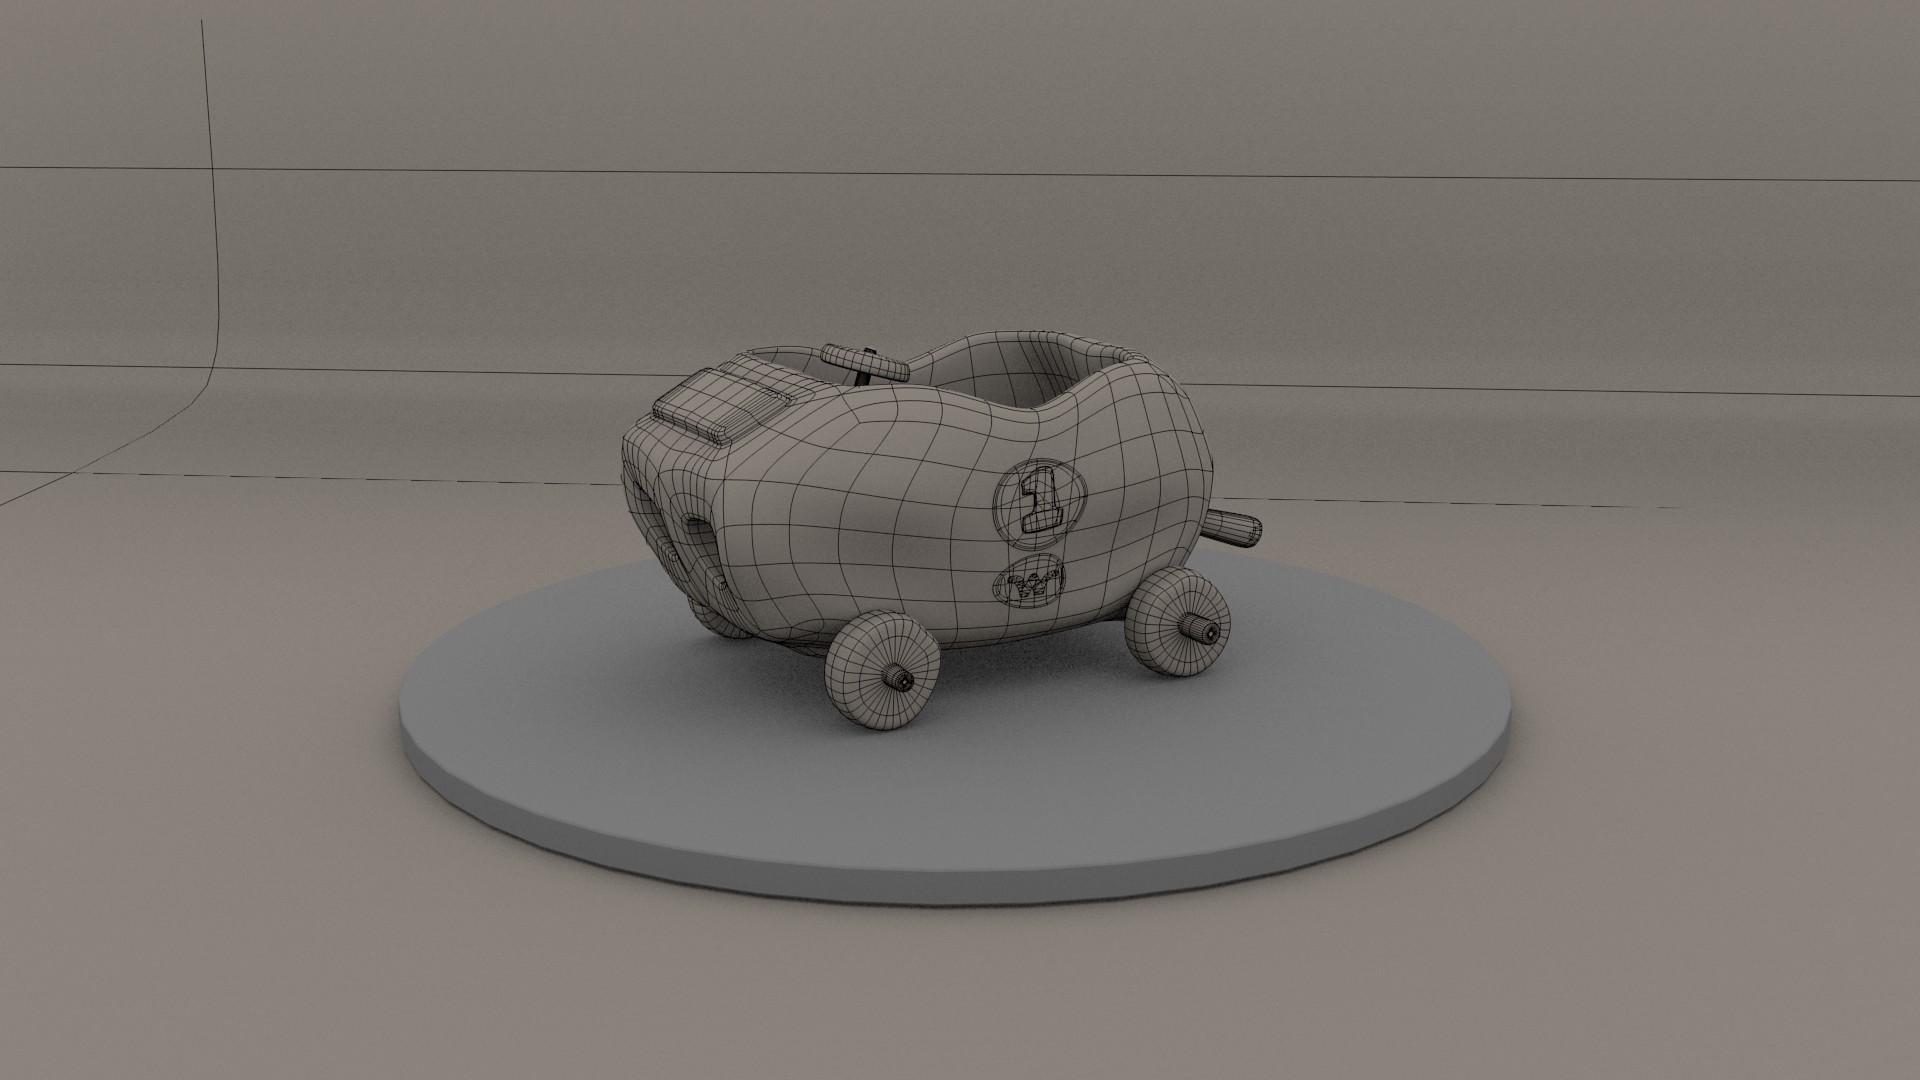 Los Autos Locos - Wacky Races _ soliman-01-wire_el_roncomovi.jpg